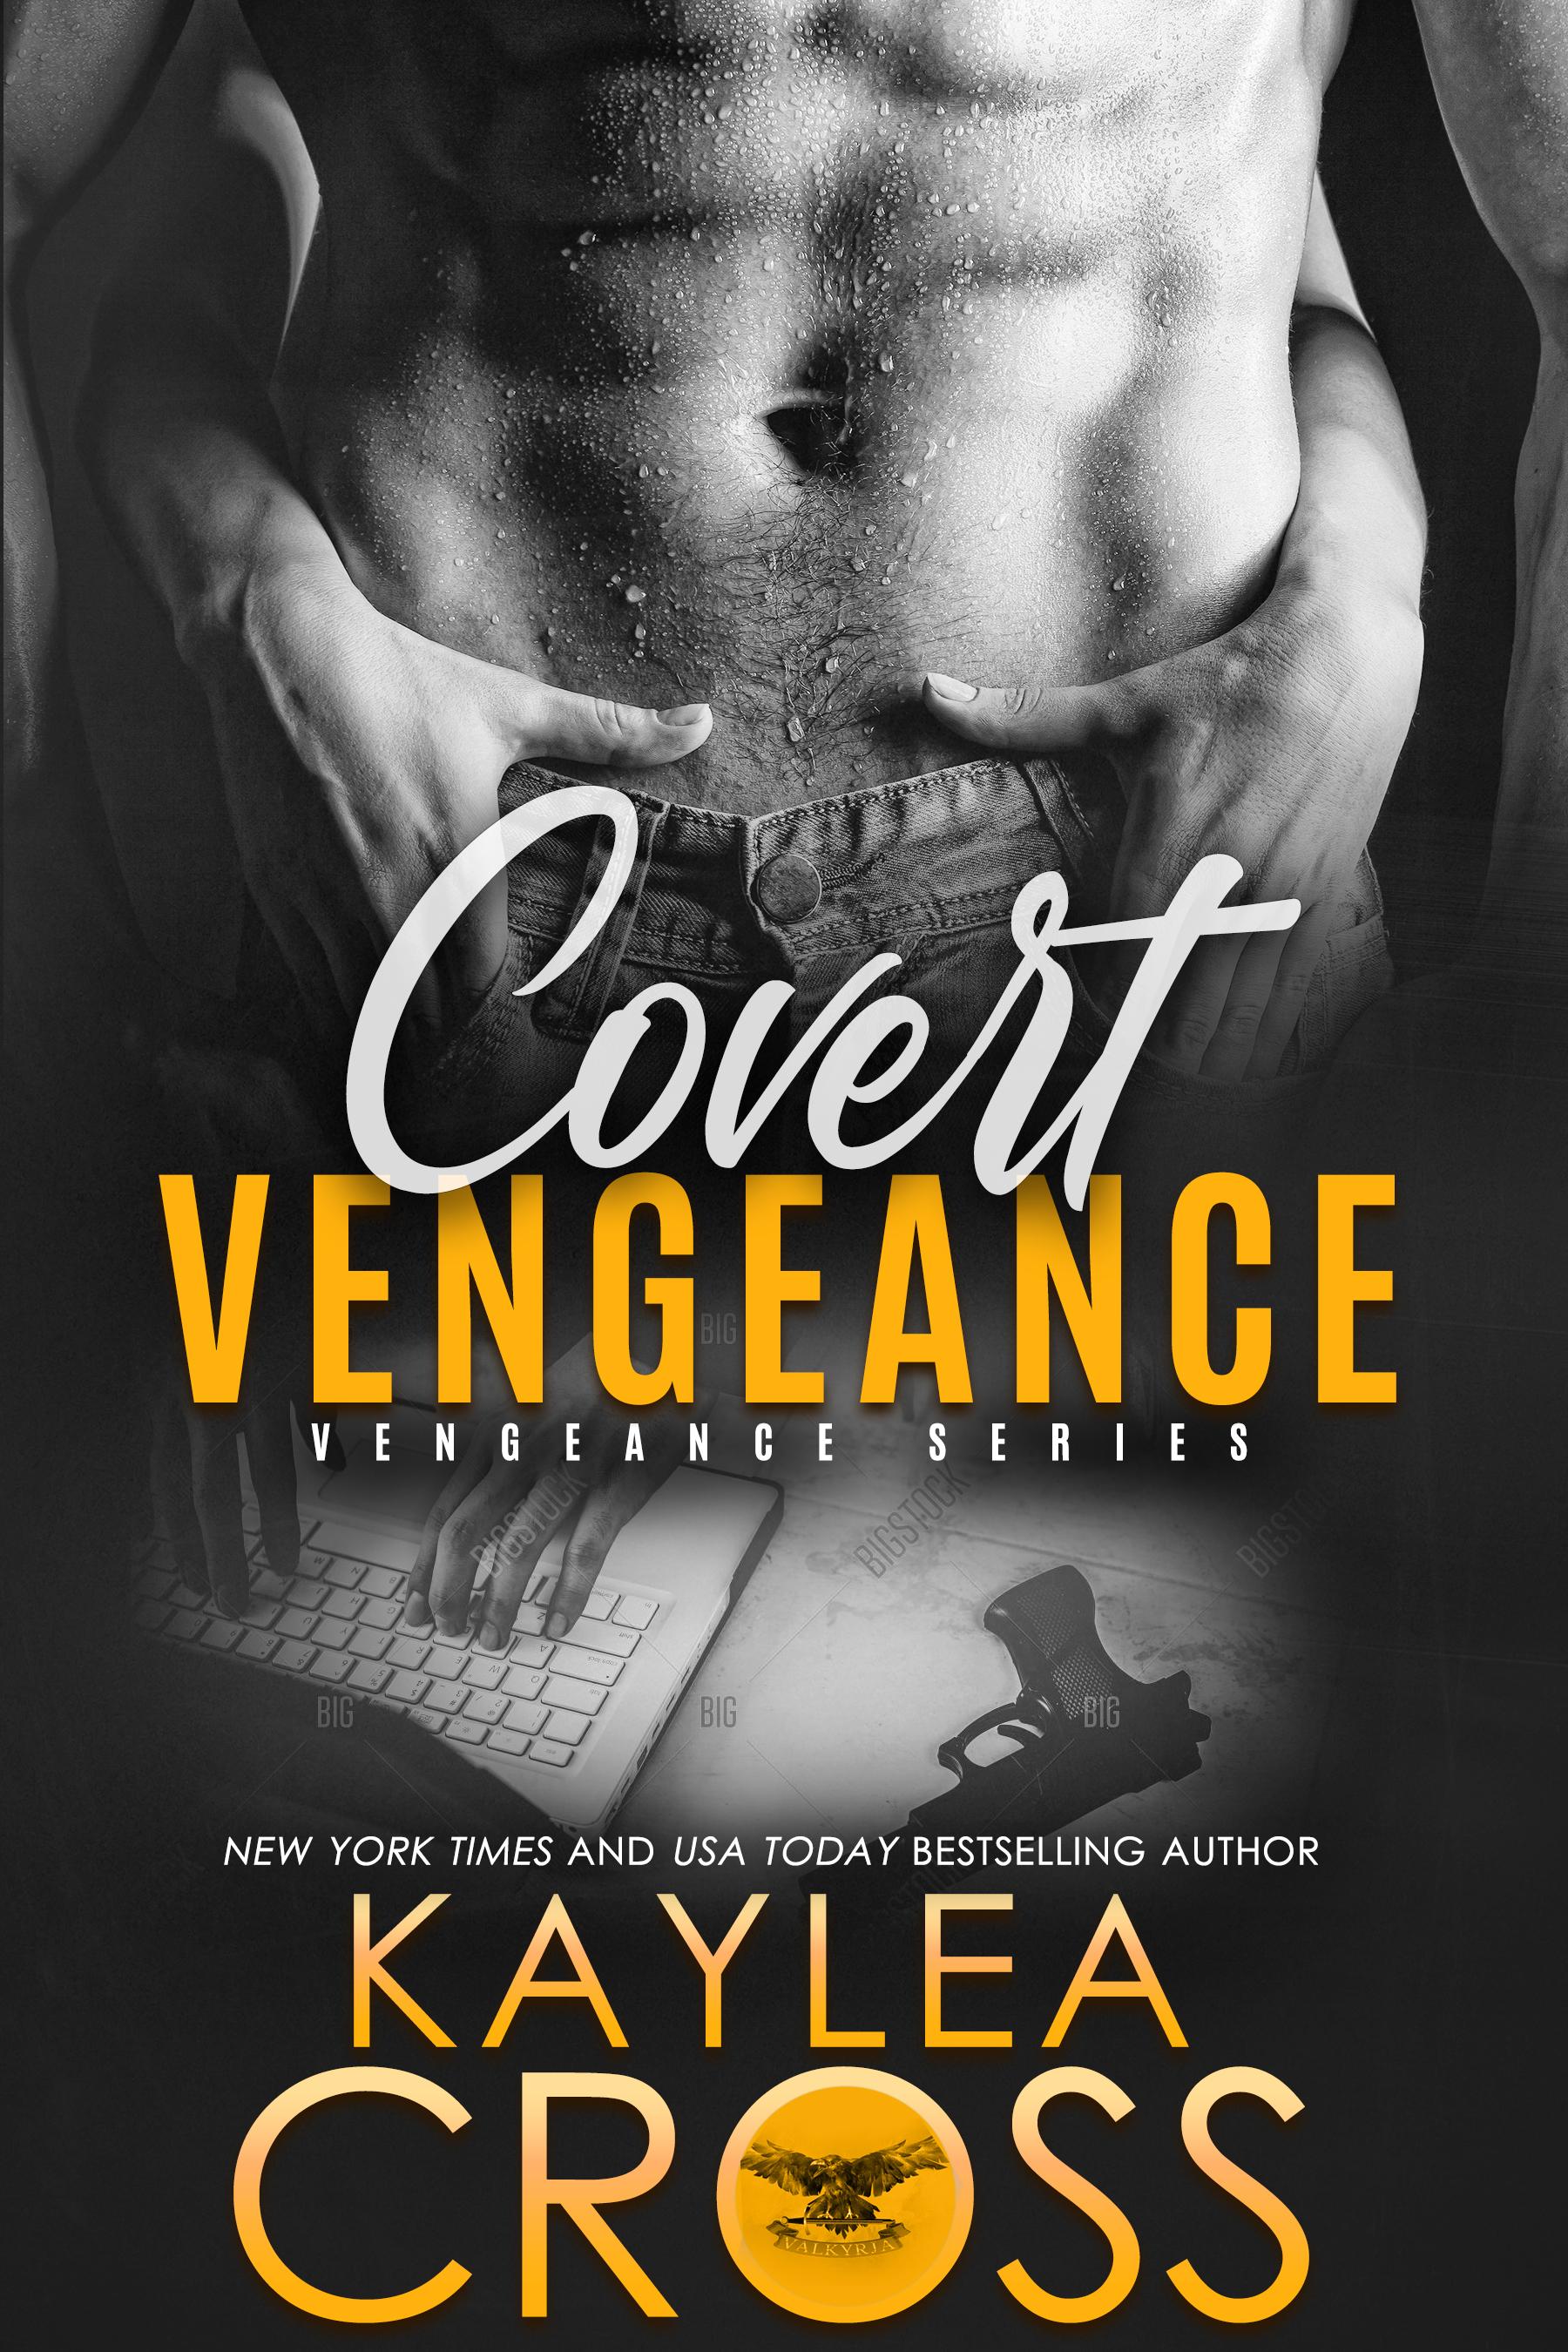 STEALING VENGEANCE by Kaylea Cross – Teaser Reveal